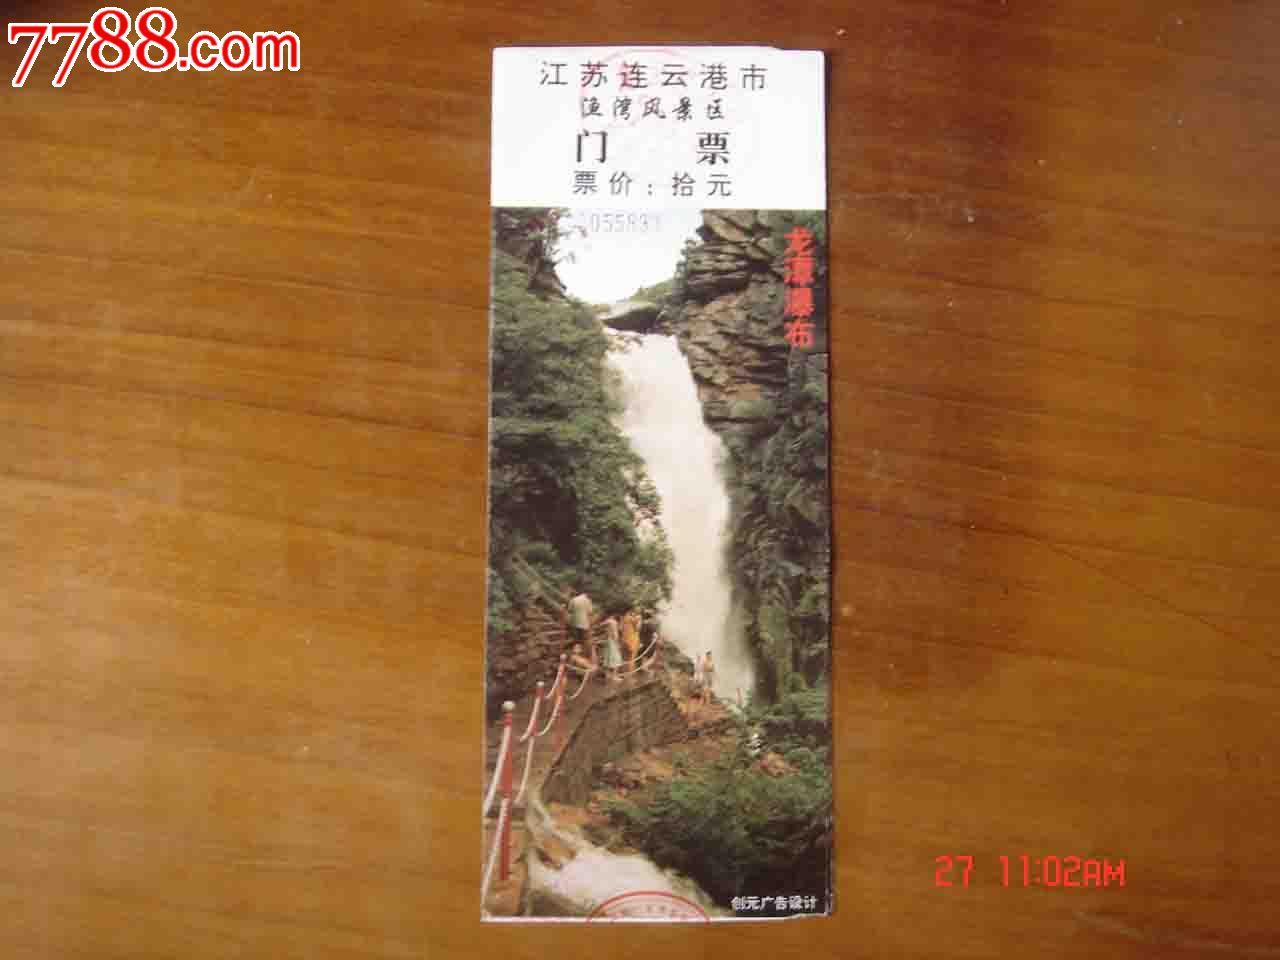 江苏连云港市渔湾风景区门票147